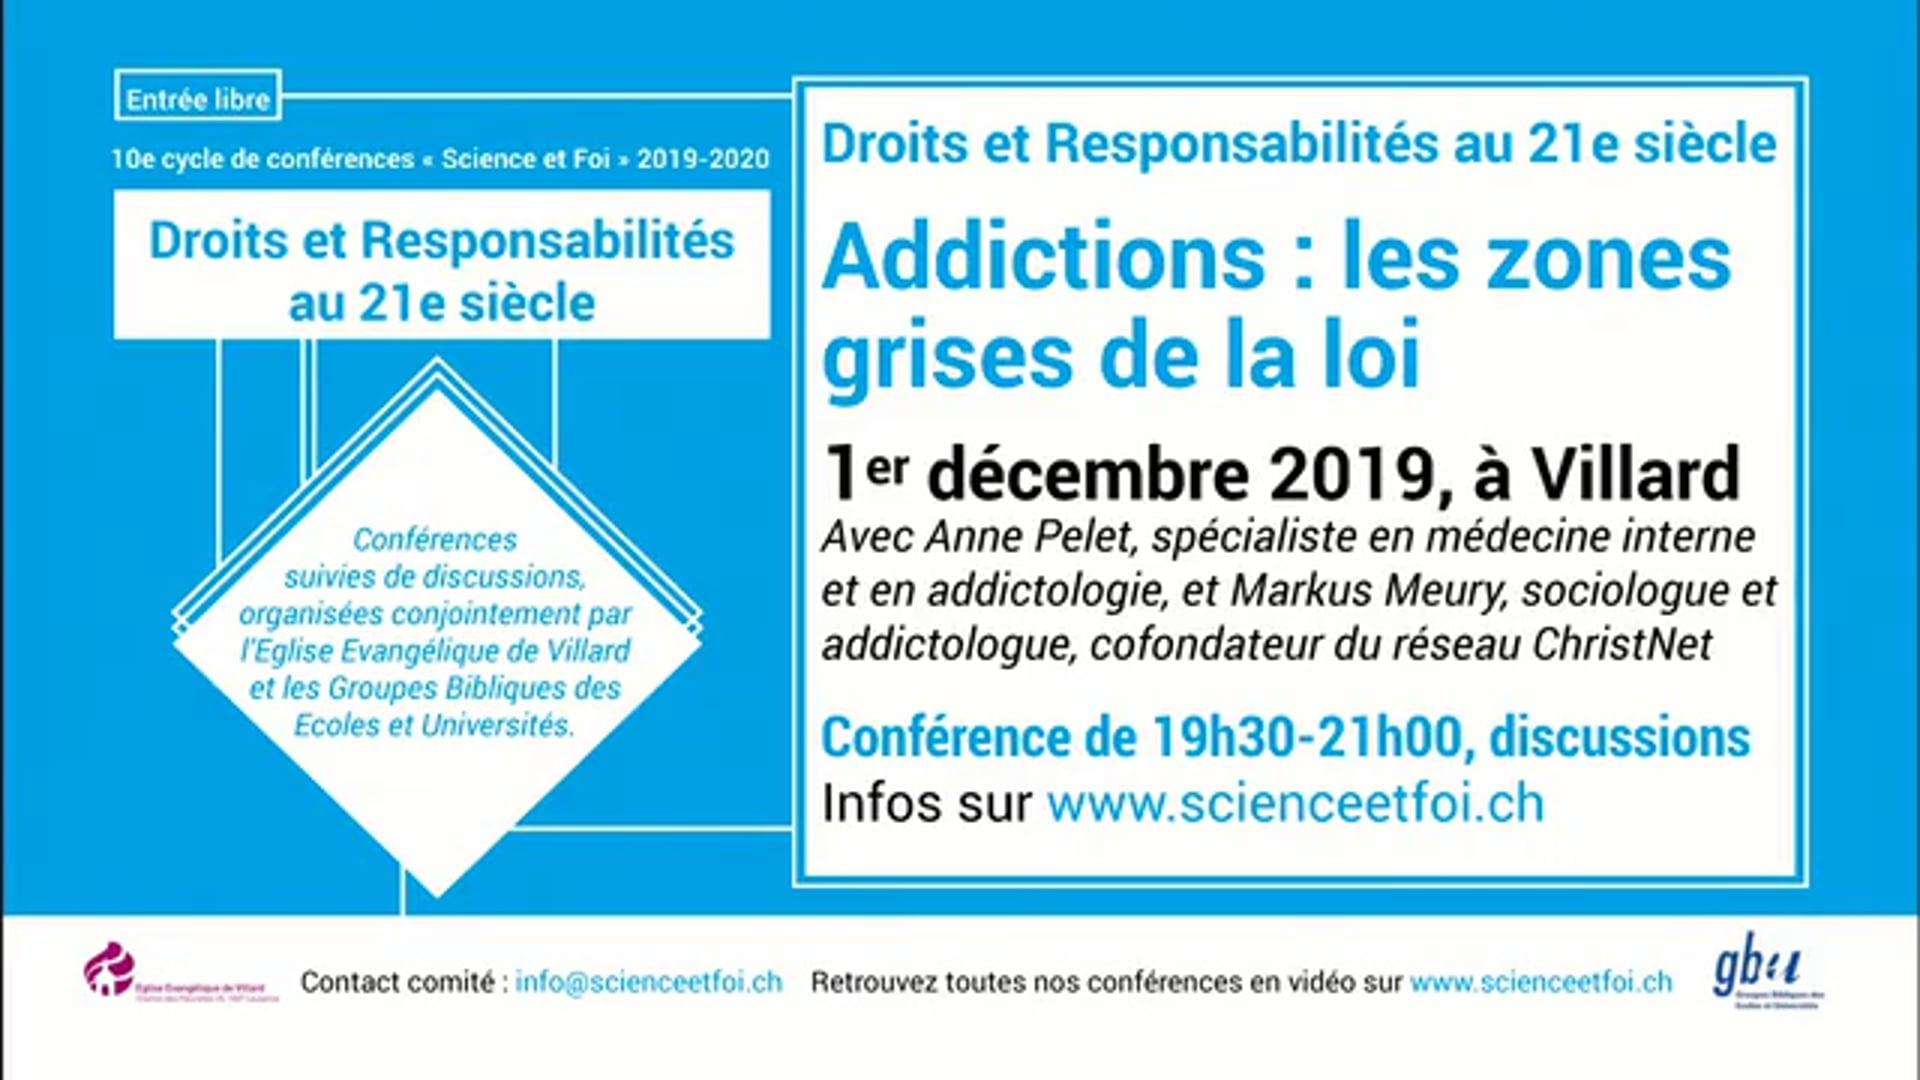 Addictions: les zones grises de la loi_01.12.19